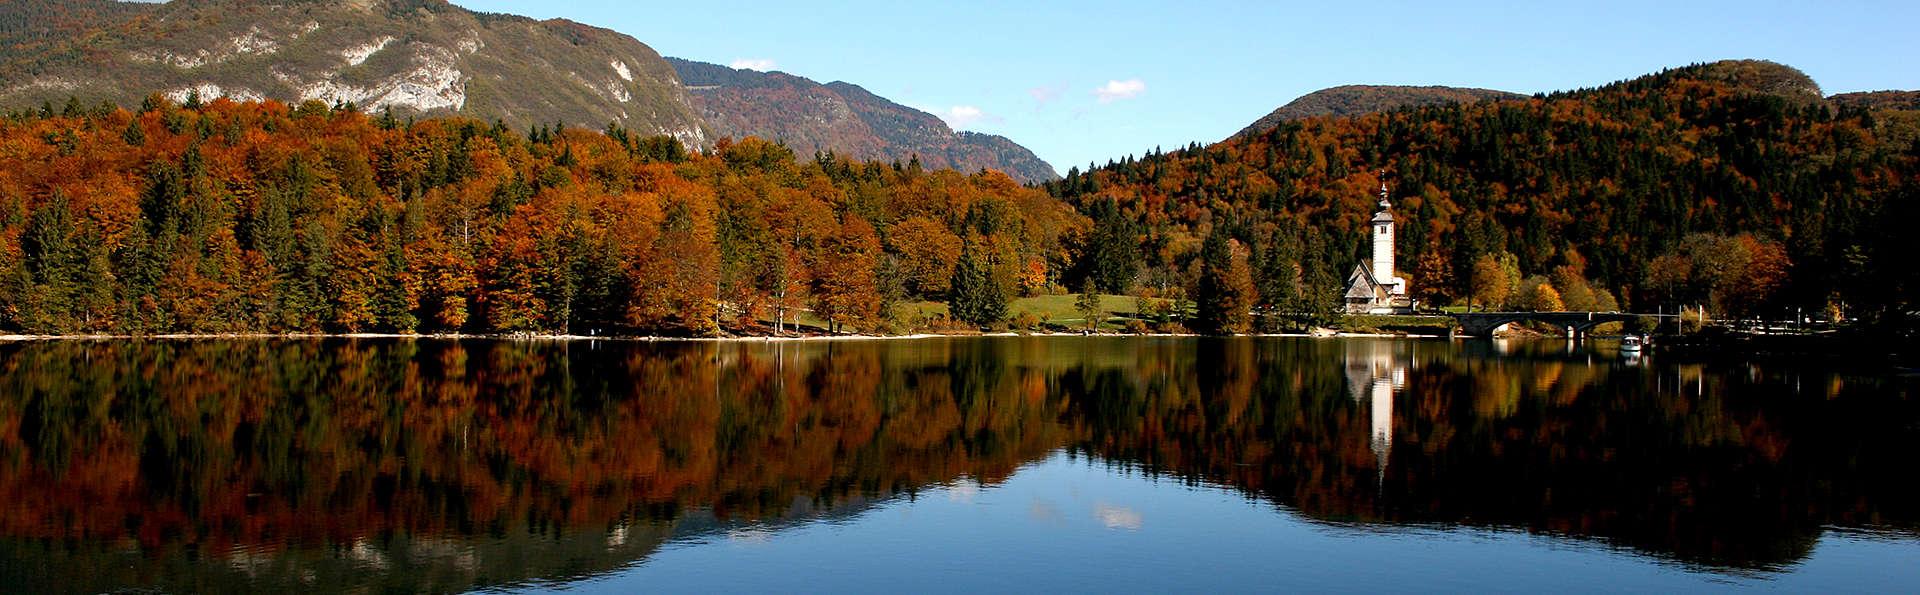 Romantisme et nature en Slovénie (à partir de 2 nuits)